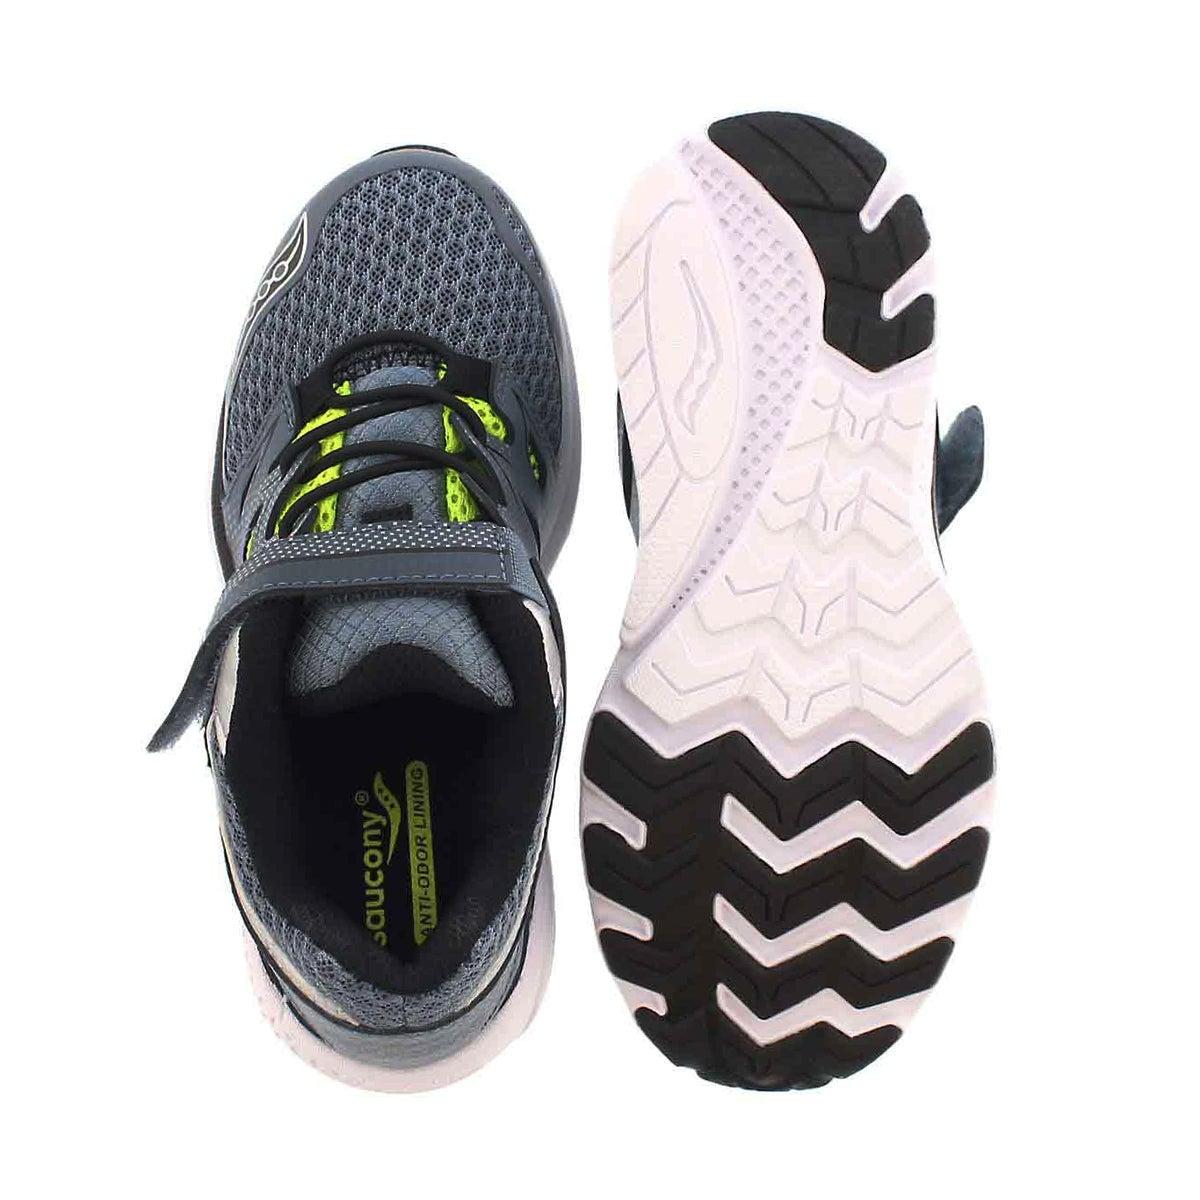 Bys Zealot 2 grey running shoe